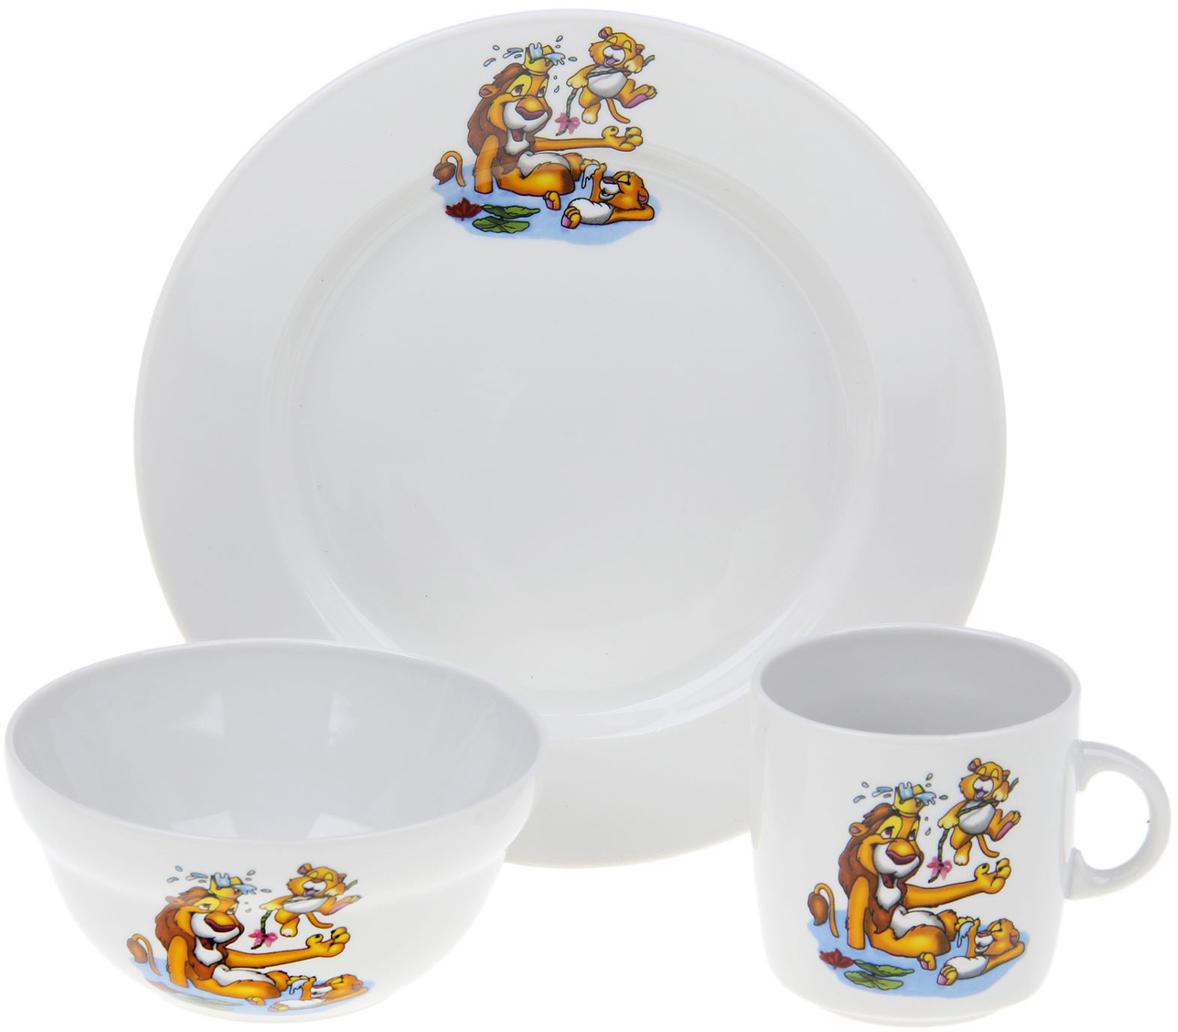 """От качества посуды зависит не только вкус еды, но и здоровье человека.  Набор детской посуды """"Джунгли"""" состоит из 3 предметов: тарелки (диаметром 20 см), салатника ( объемом 360 мл), кружки (объемом 210 мл).Имеет красочный тематический рисунок на каждом предмете набора, что обязательно понравится ребенку. Данный товар, соответствующий российским стандартам качества.  С такой посудой сервировка стола превратится в настоящий праздник."""